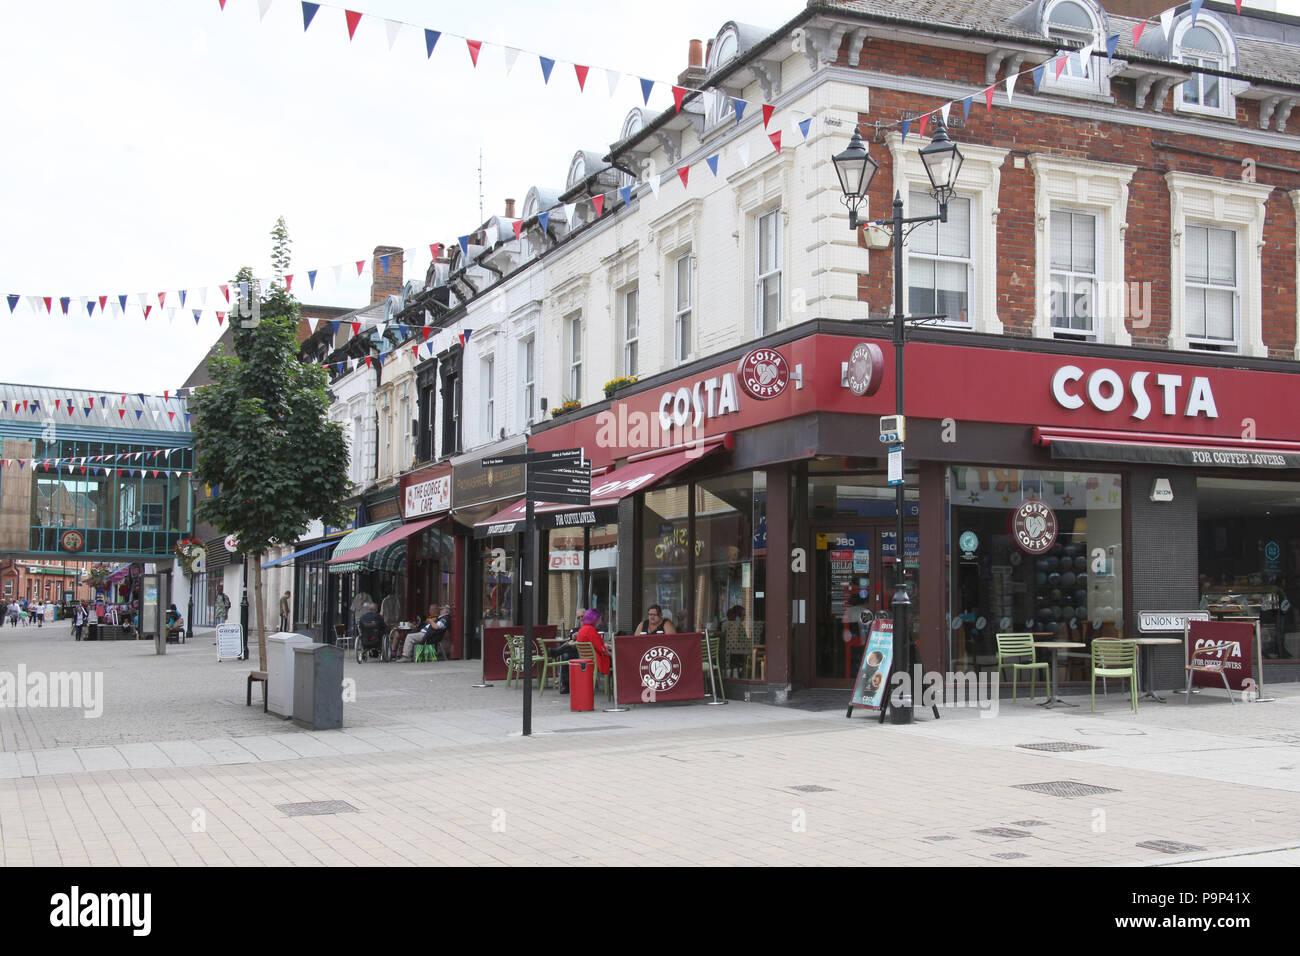 Le shopping precinct à Aldershot, ROYAUME UNI avec Costa proéminent. Photo Stock